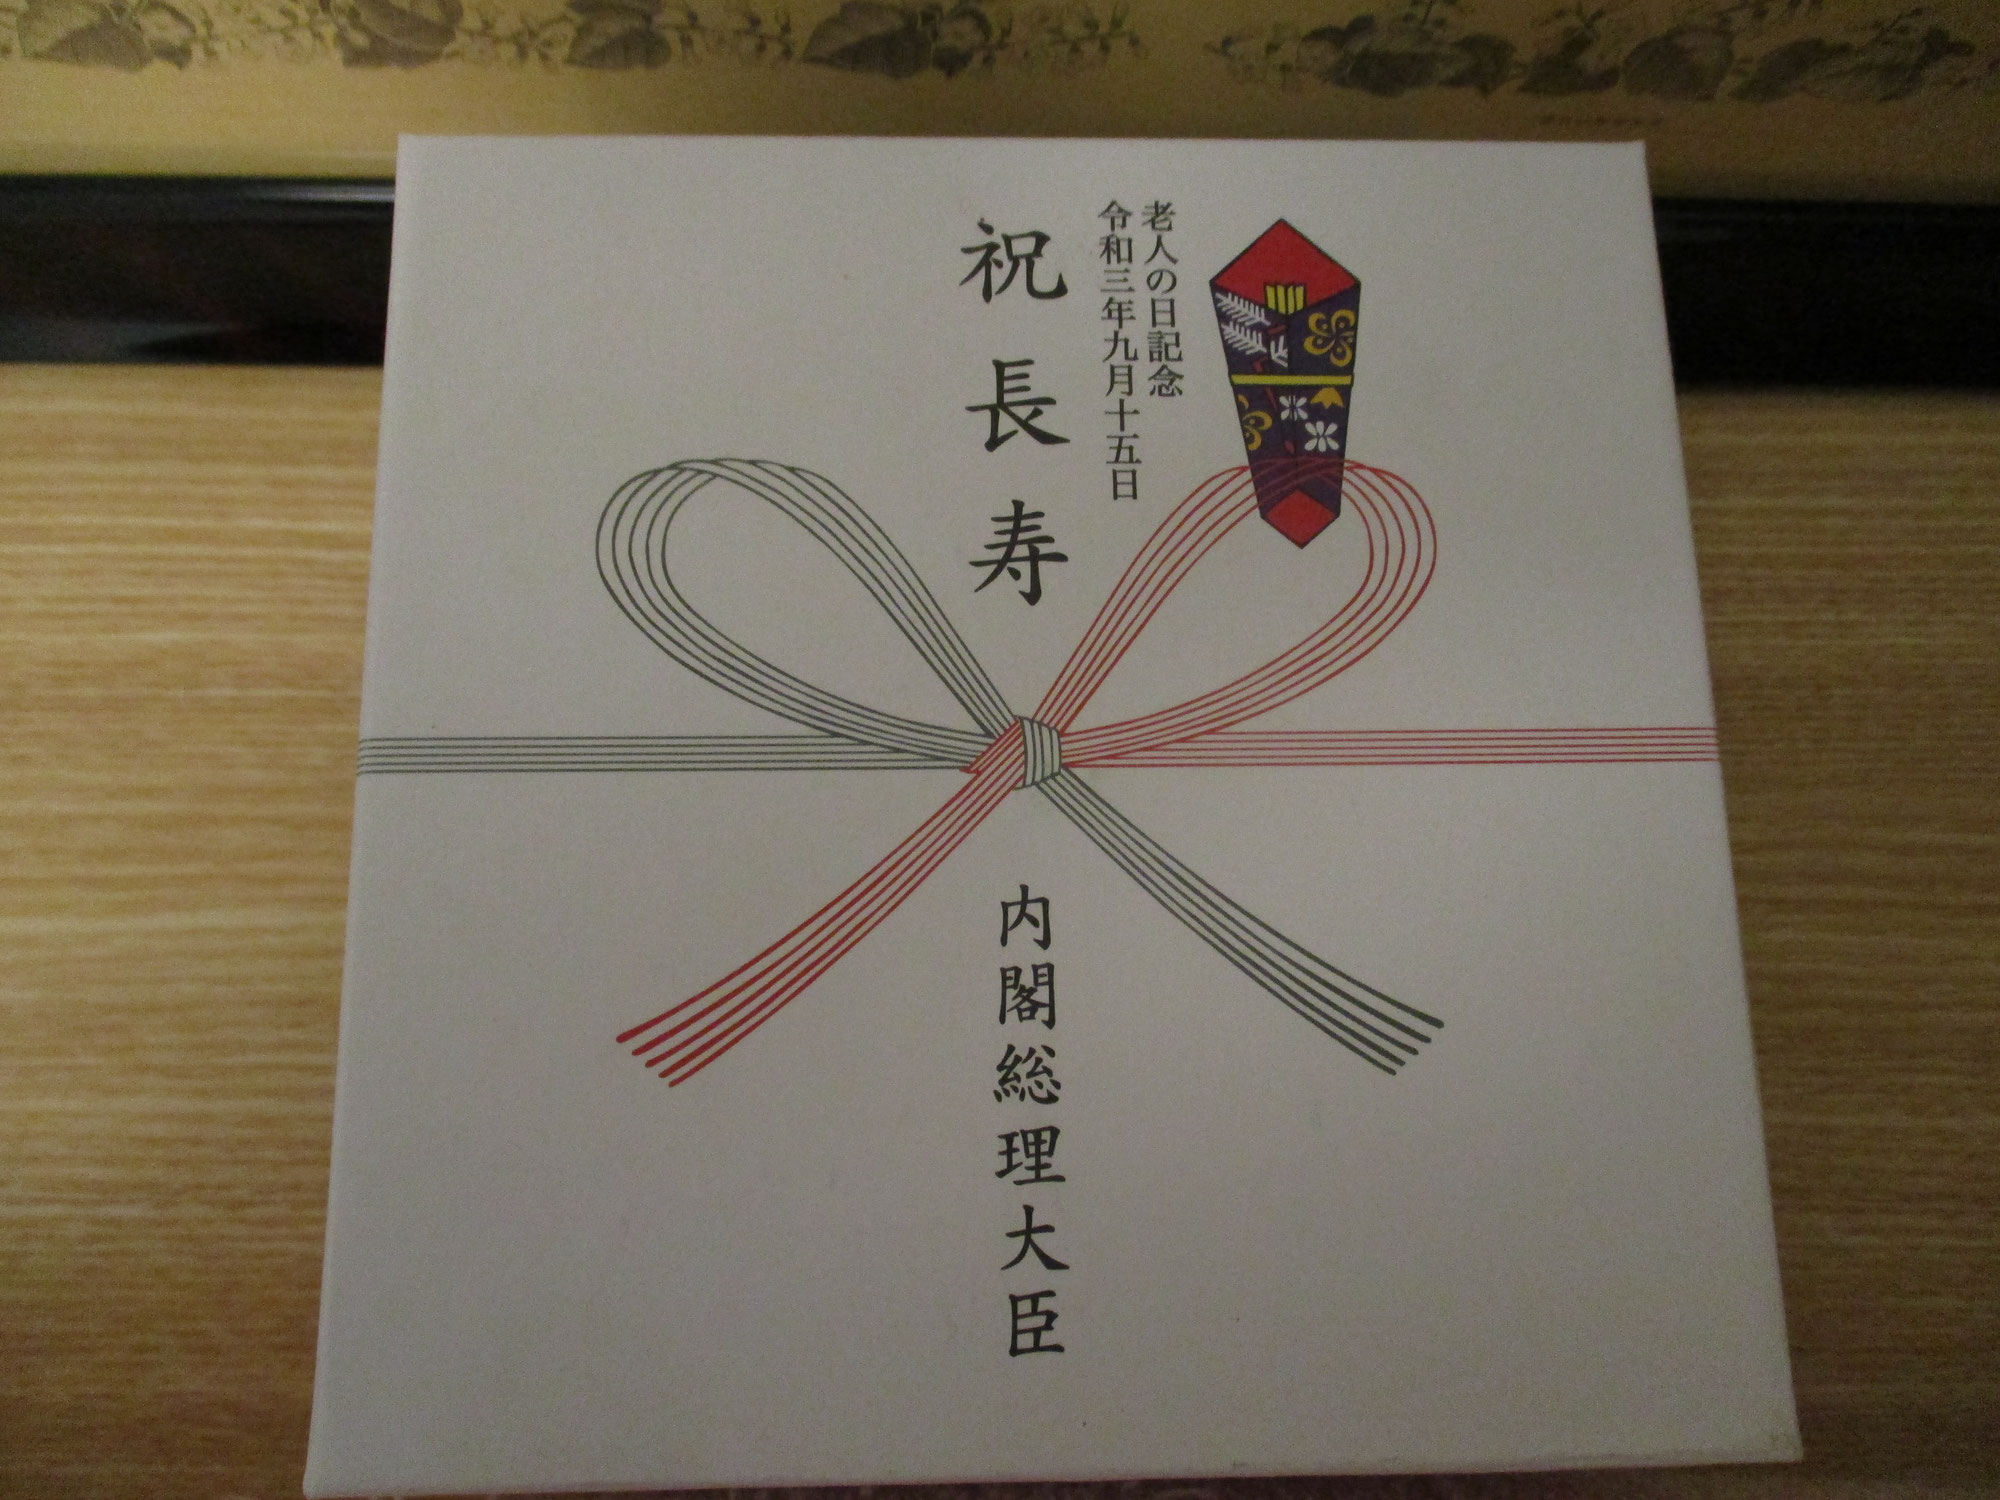 百歳の高齢者へのお祝い状及び記念品の贈呈について